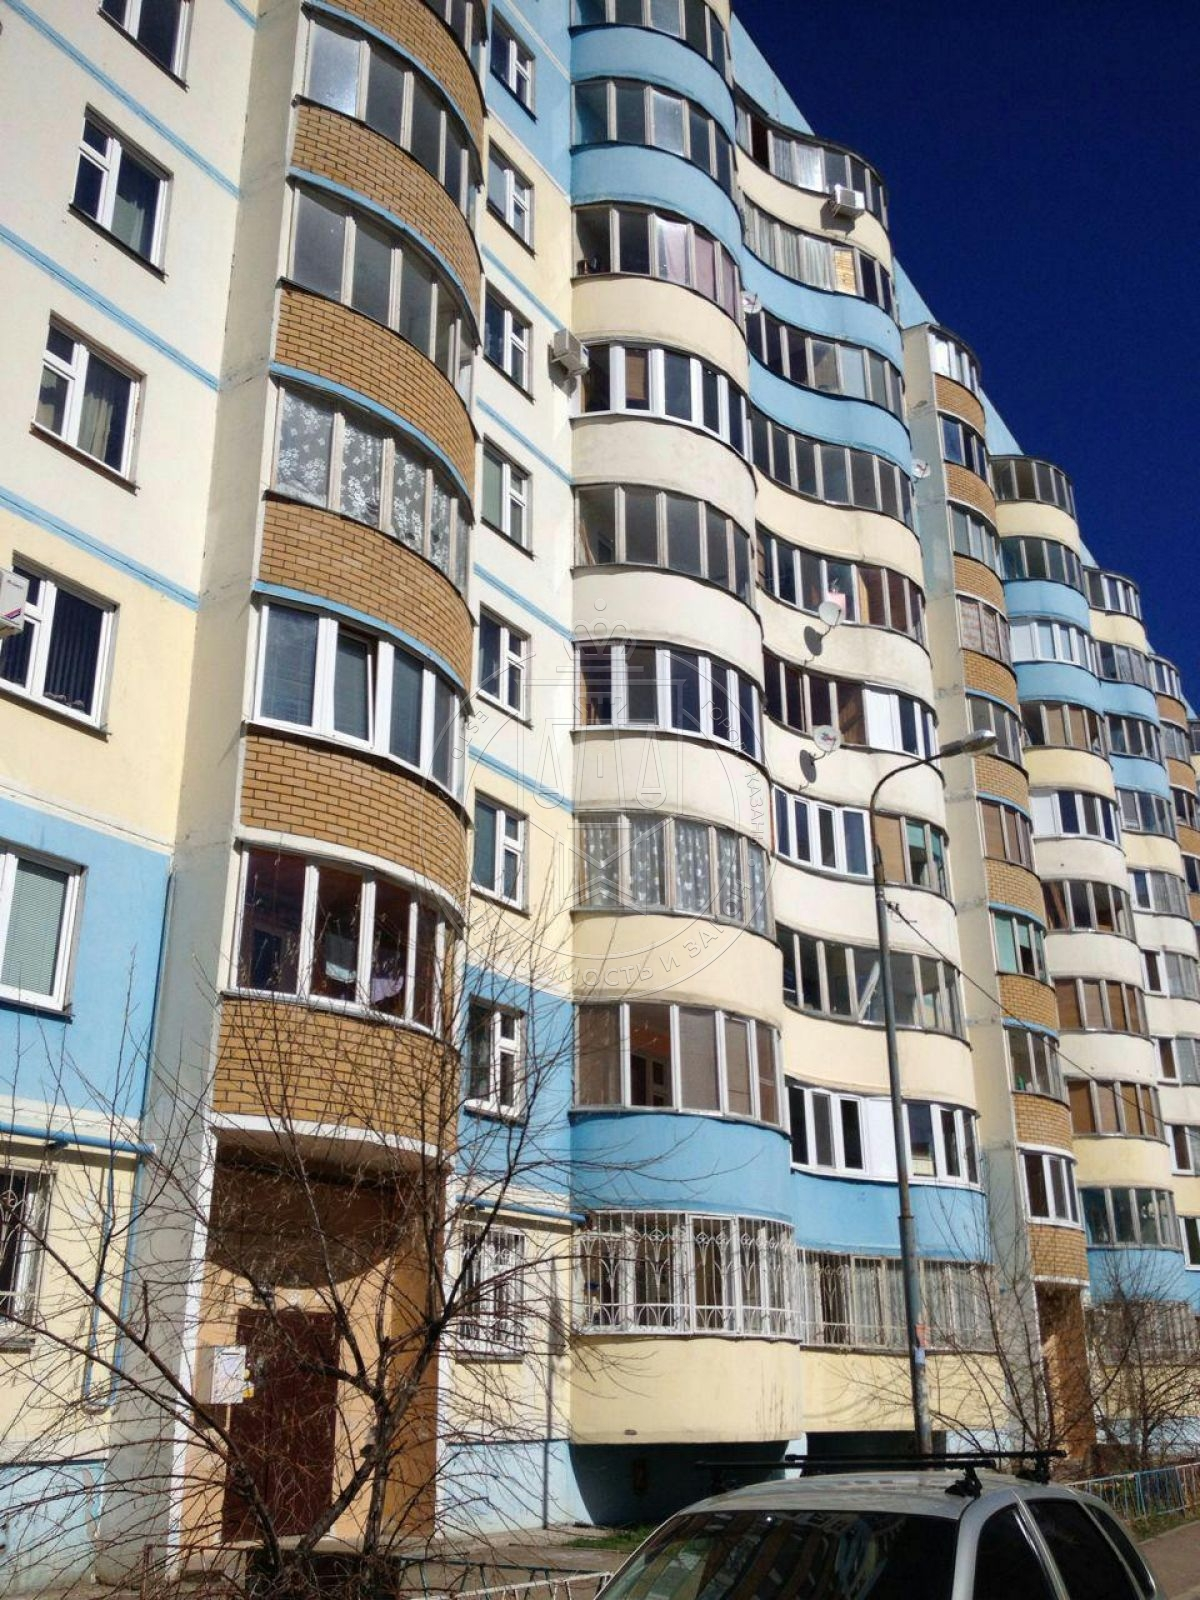 3-к квартира, 67 м², 5/10 эт., Академика Глушко ул, 20 (миниатюра №5)